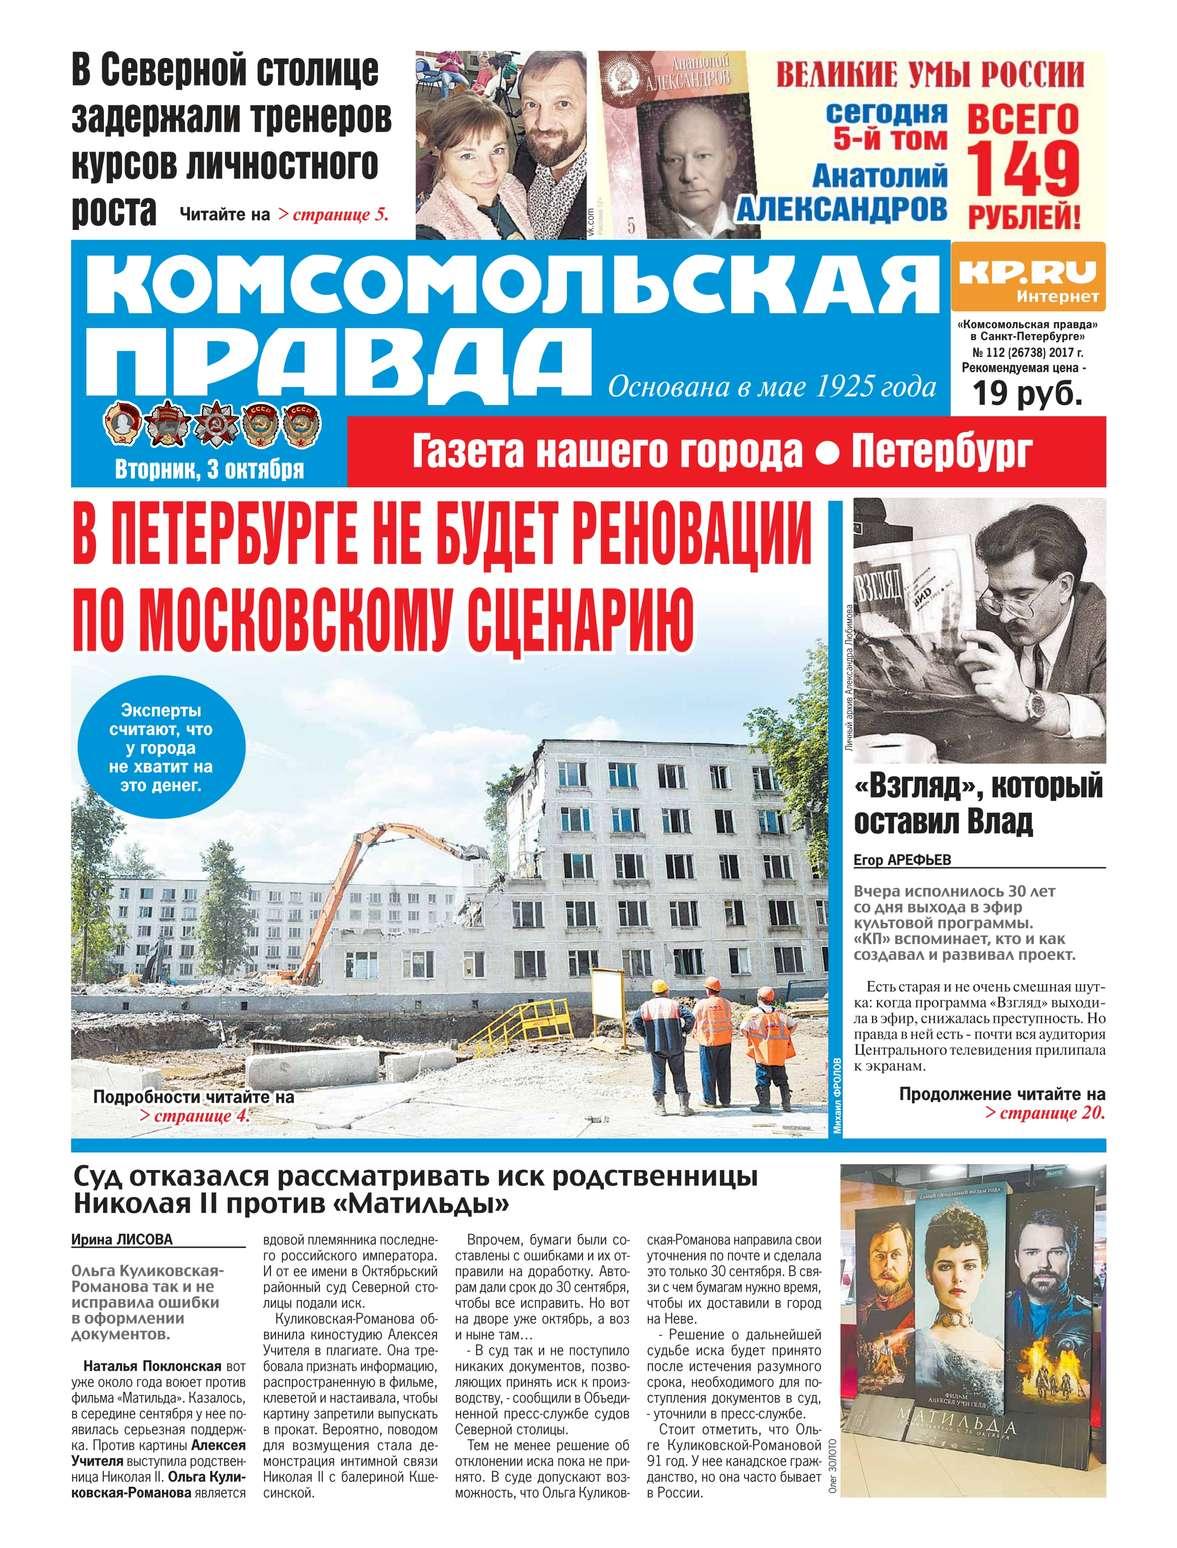 Редакция газеты Комсомольская Правда. Санкт-Петербург Комсомольская Правда. Санкт-Петербург 112-2017 цены